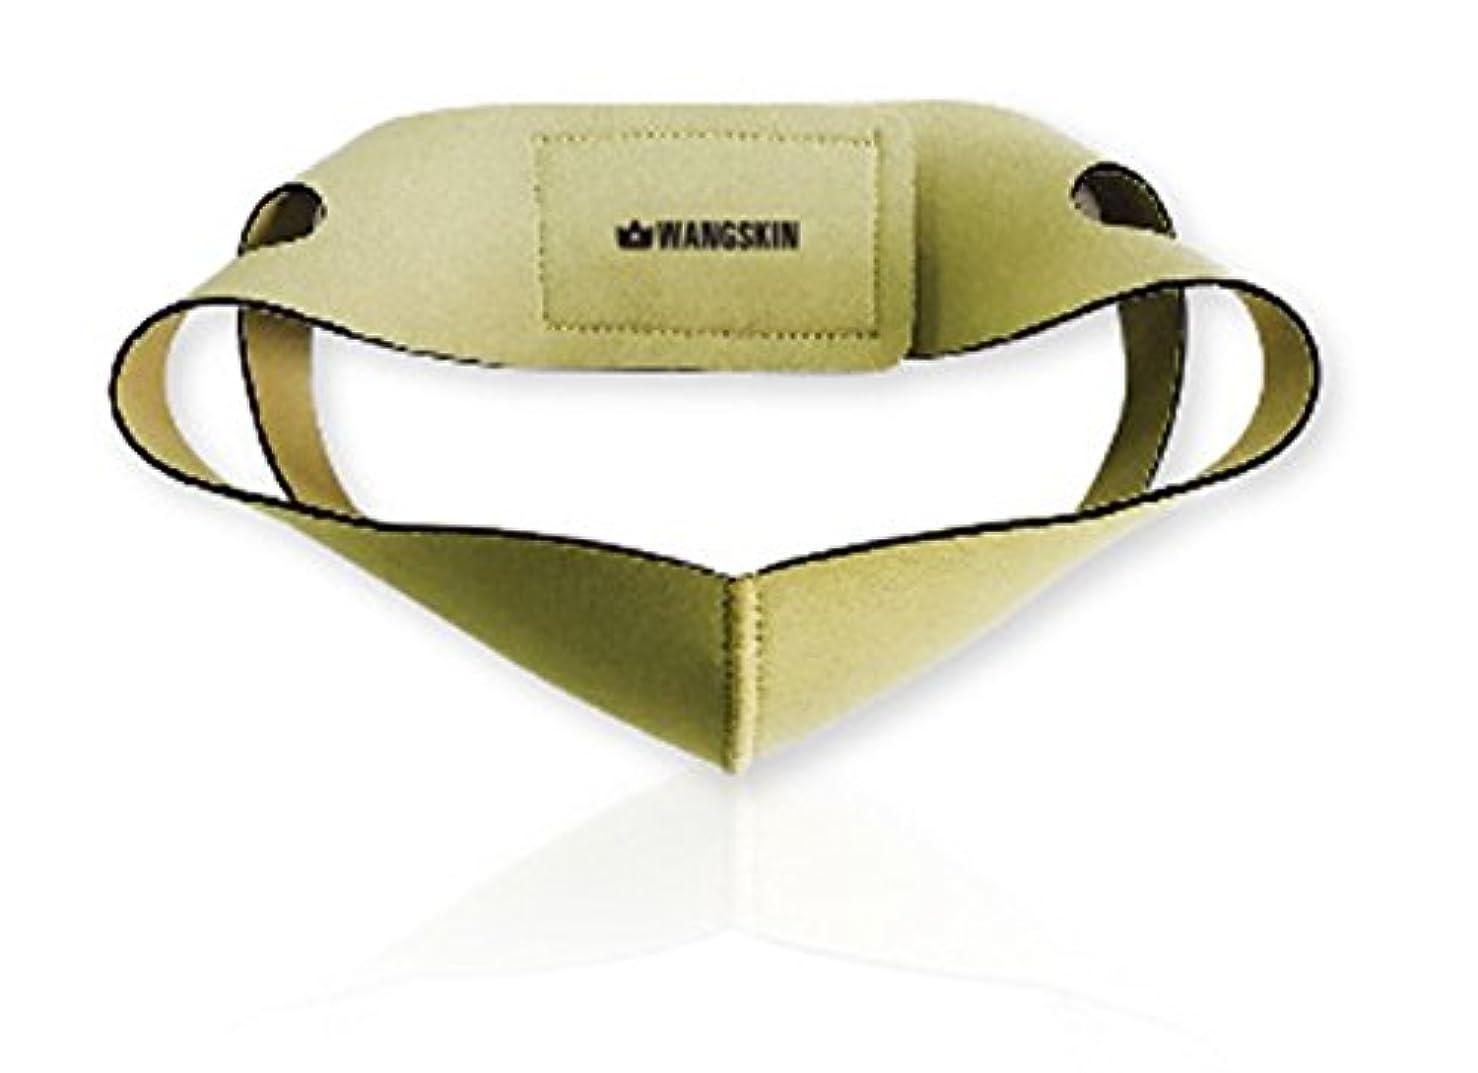 スラム絶滅させる同一のWANSKIN Face V-line リフティングバンド バイオネオプレンシ ワ改善 弾力 ISO9001認証 海外直送品 (Face V-line Lifting Band Bio NeoFran Wrinkle Elasticity...